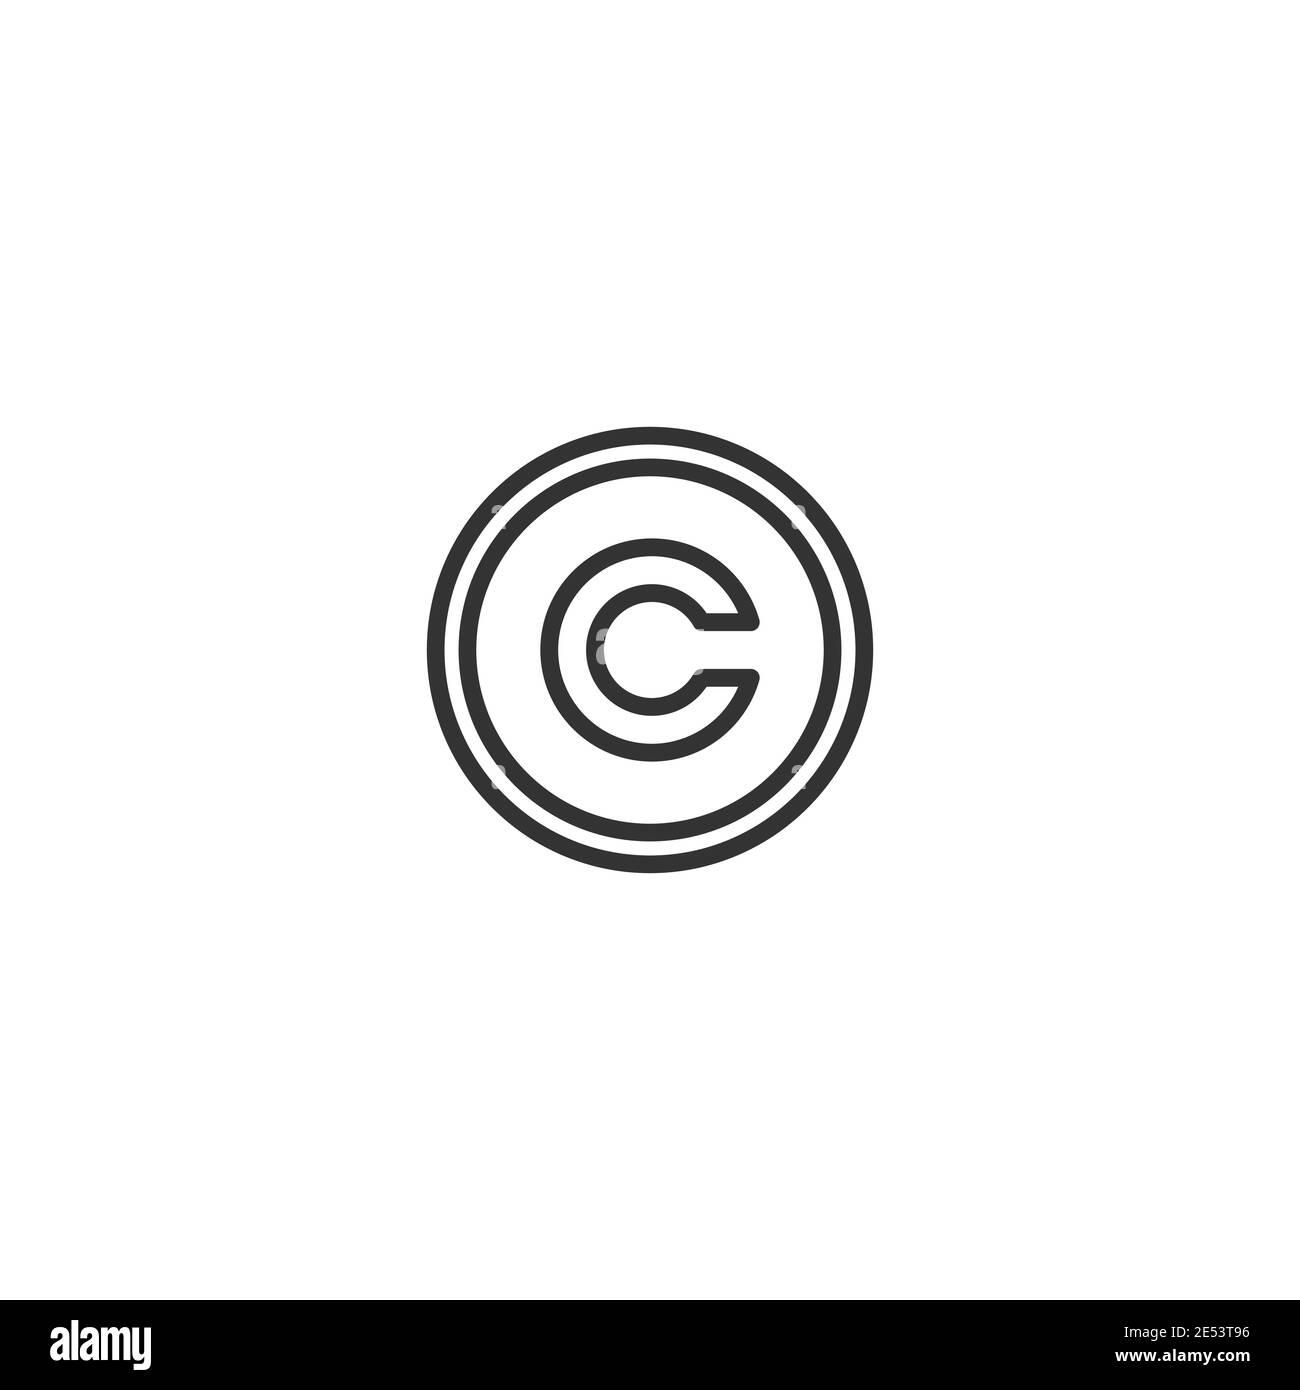 Vector de icono de copyright. Patente, Legal, signo de propiedad intelectual. Protección de autoría. Ilustración vectorial aislada sobre blanco Ilustración del Vector